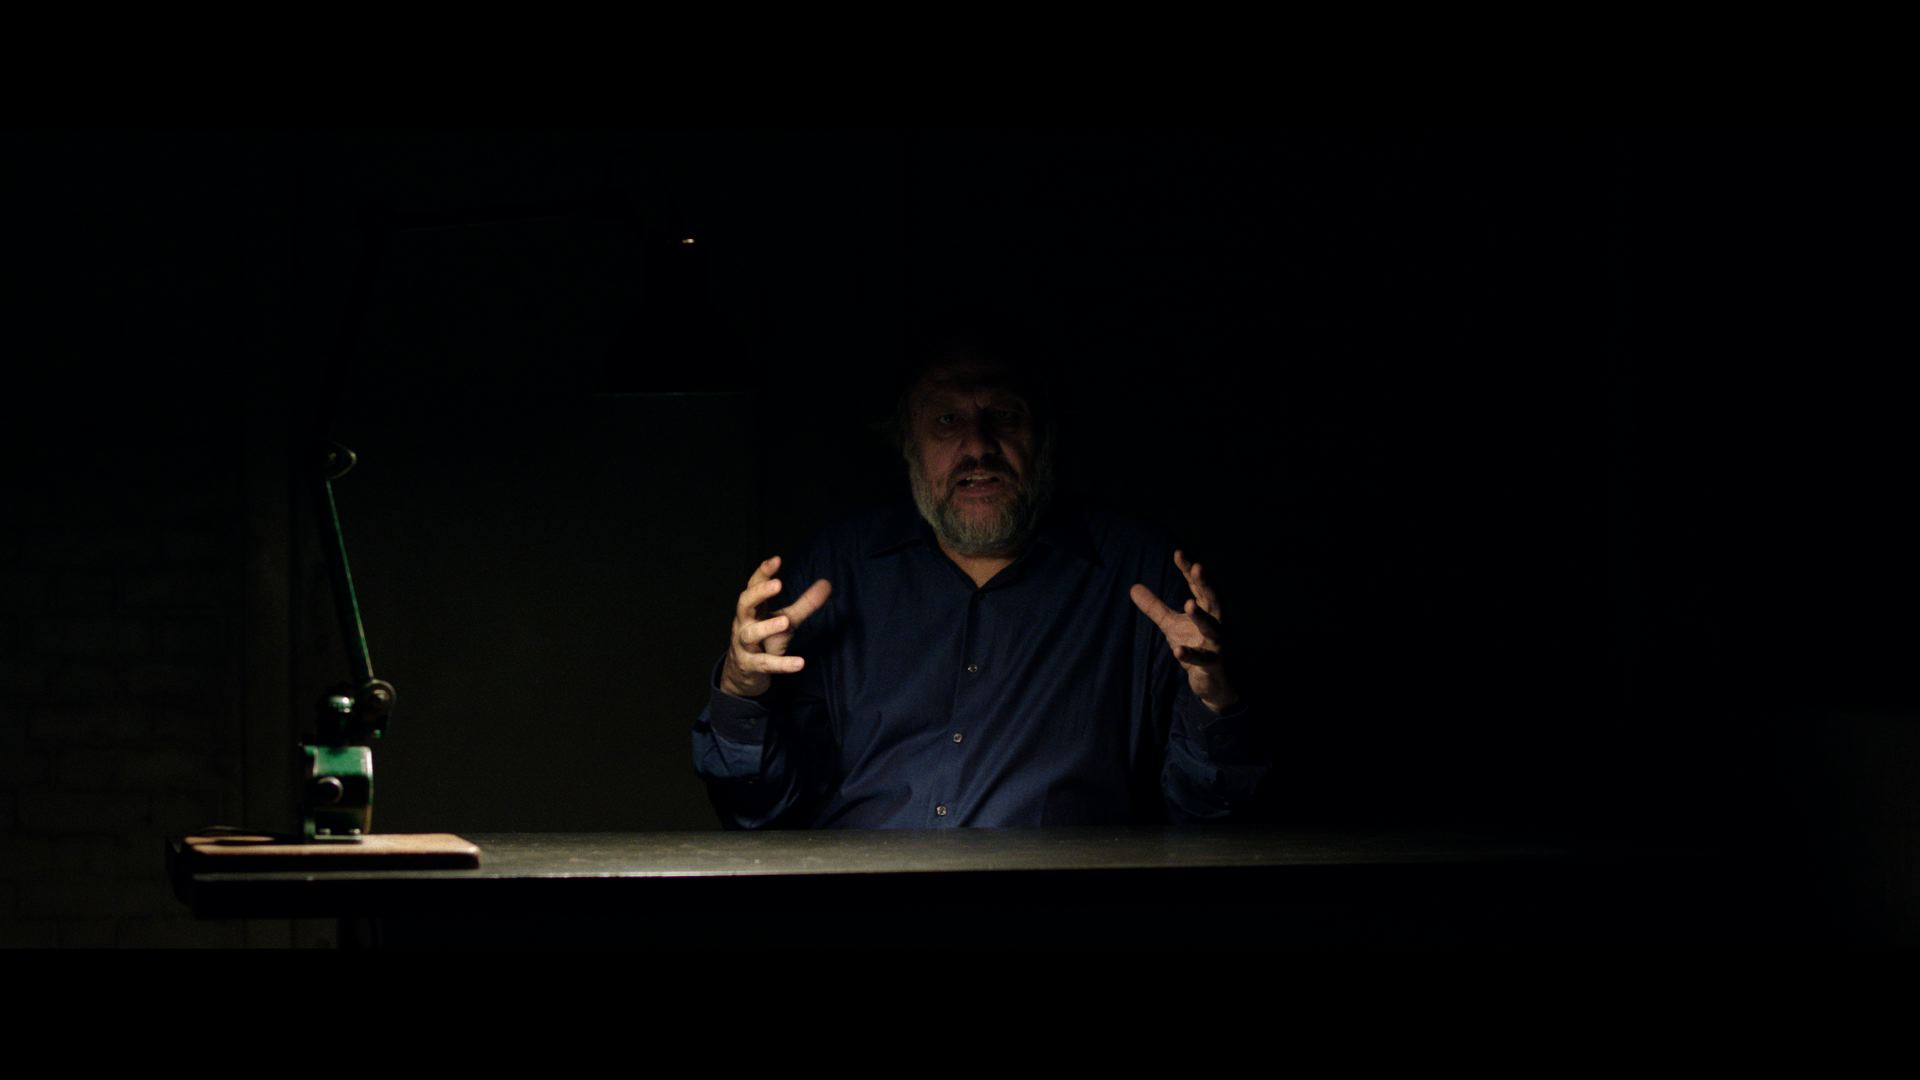 кадры из фильма Гид киноизвращенца: Идеология